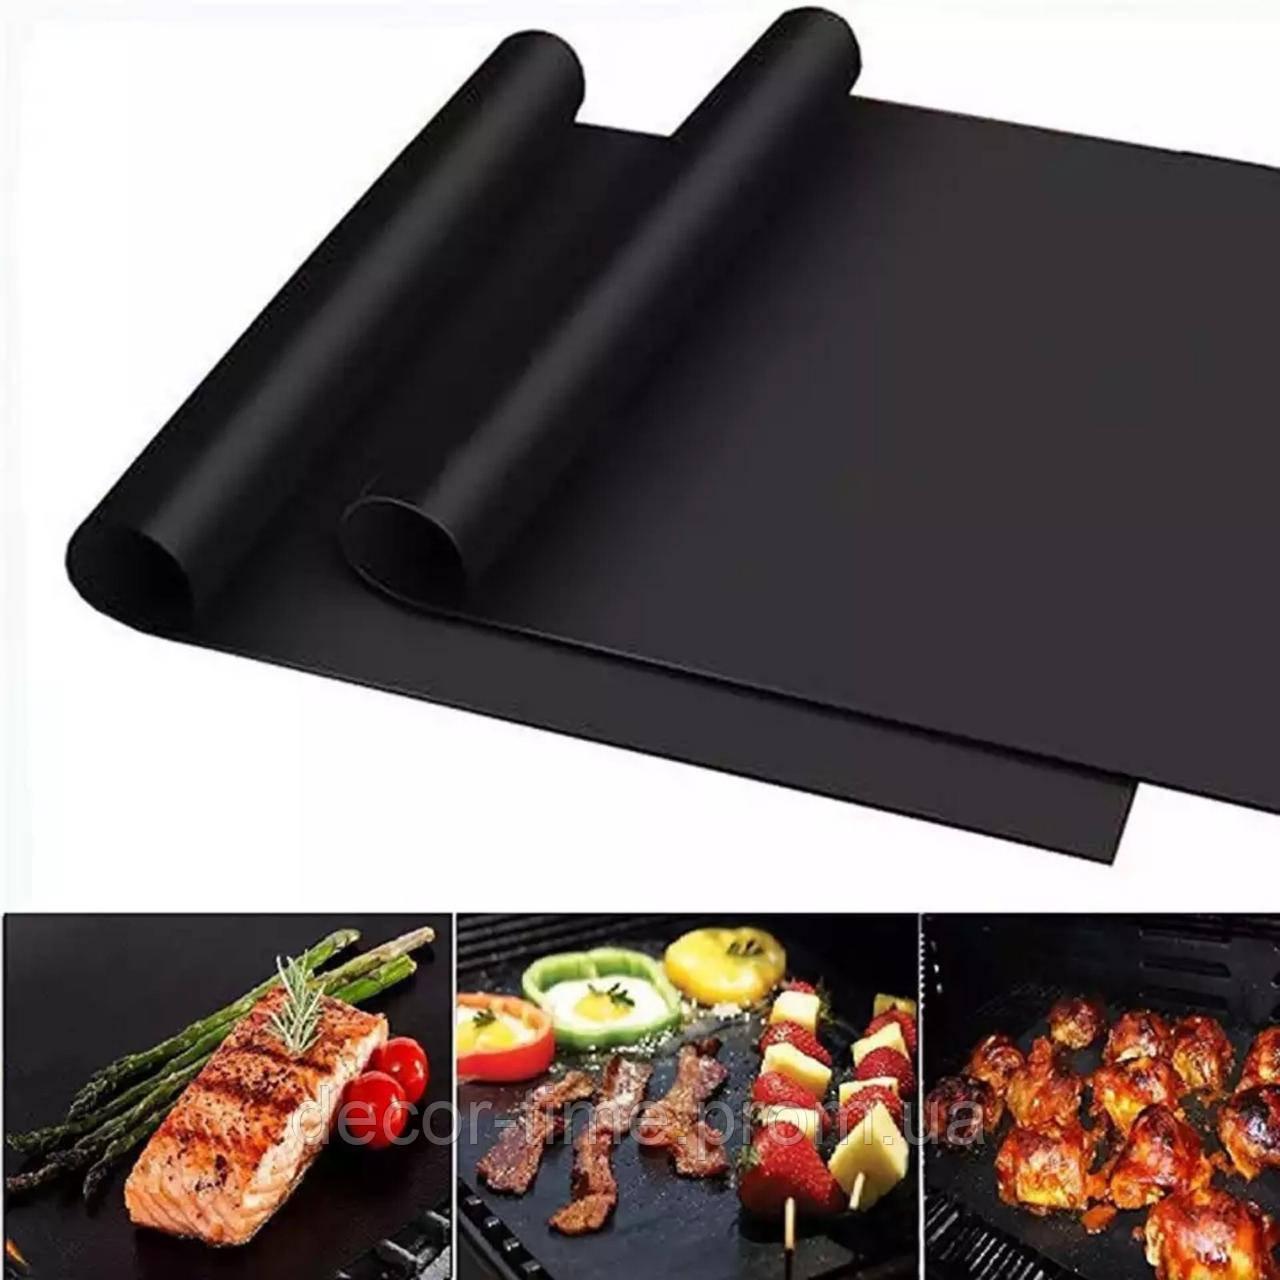 40х33см Тефлоновий антипригарний килимок для випічки , барбекю і гриля 09185893